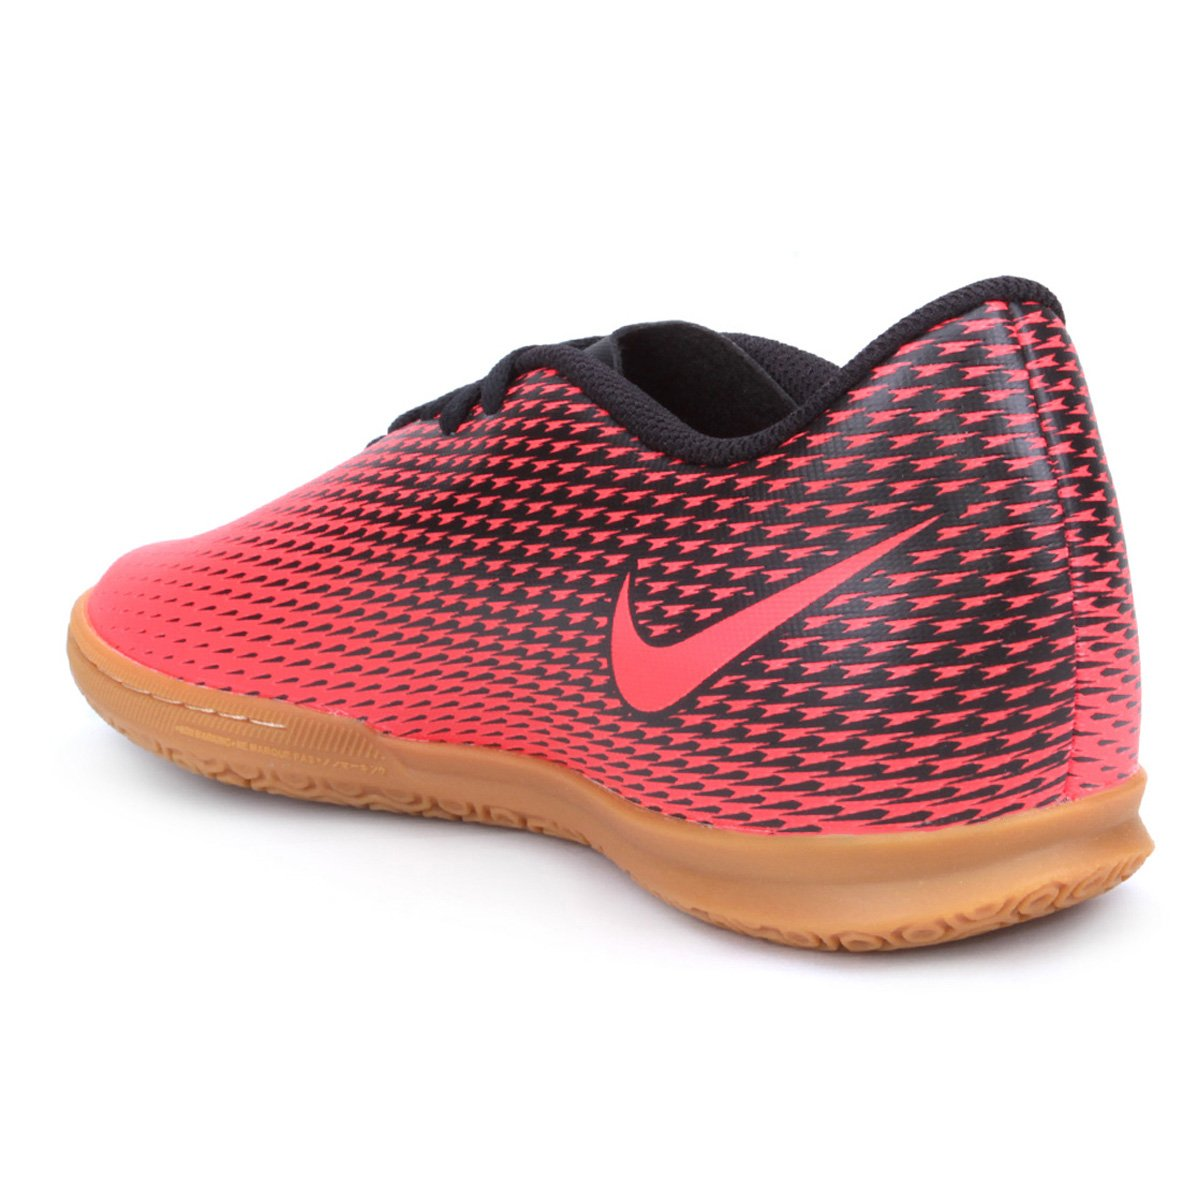 a8105fde73a47 ... Foto 2 - Chuteira Futsal Nike Bravata 2 IC Masculina